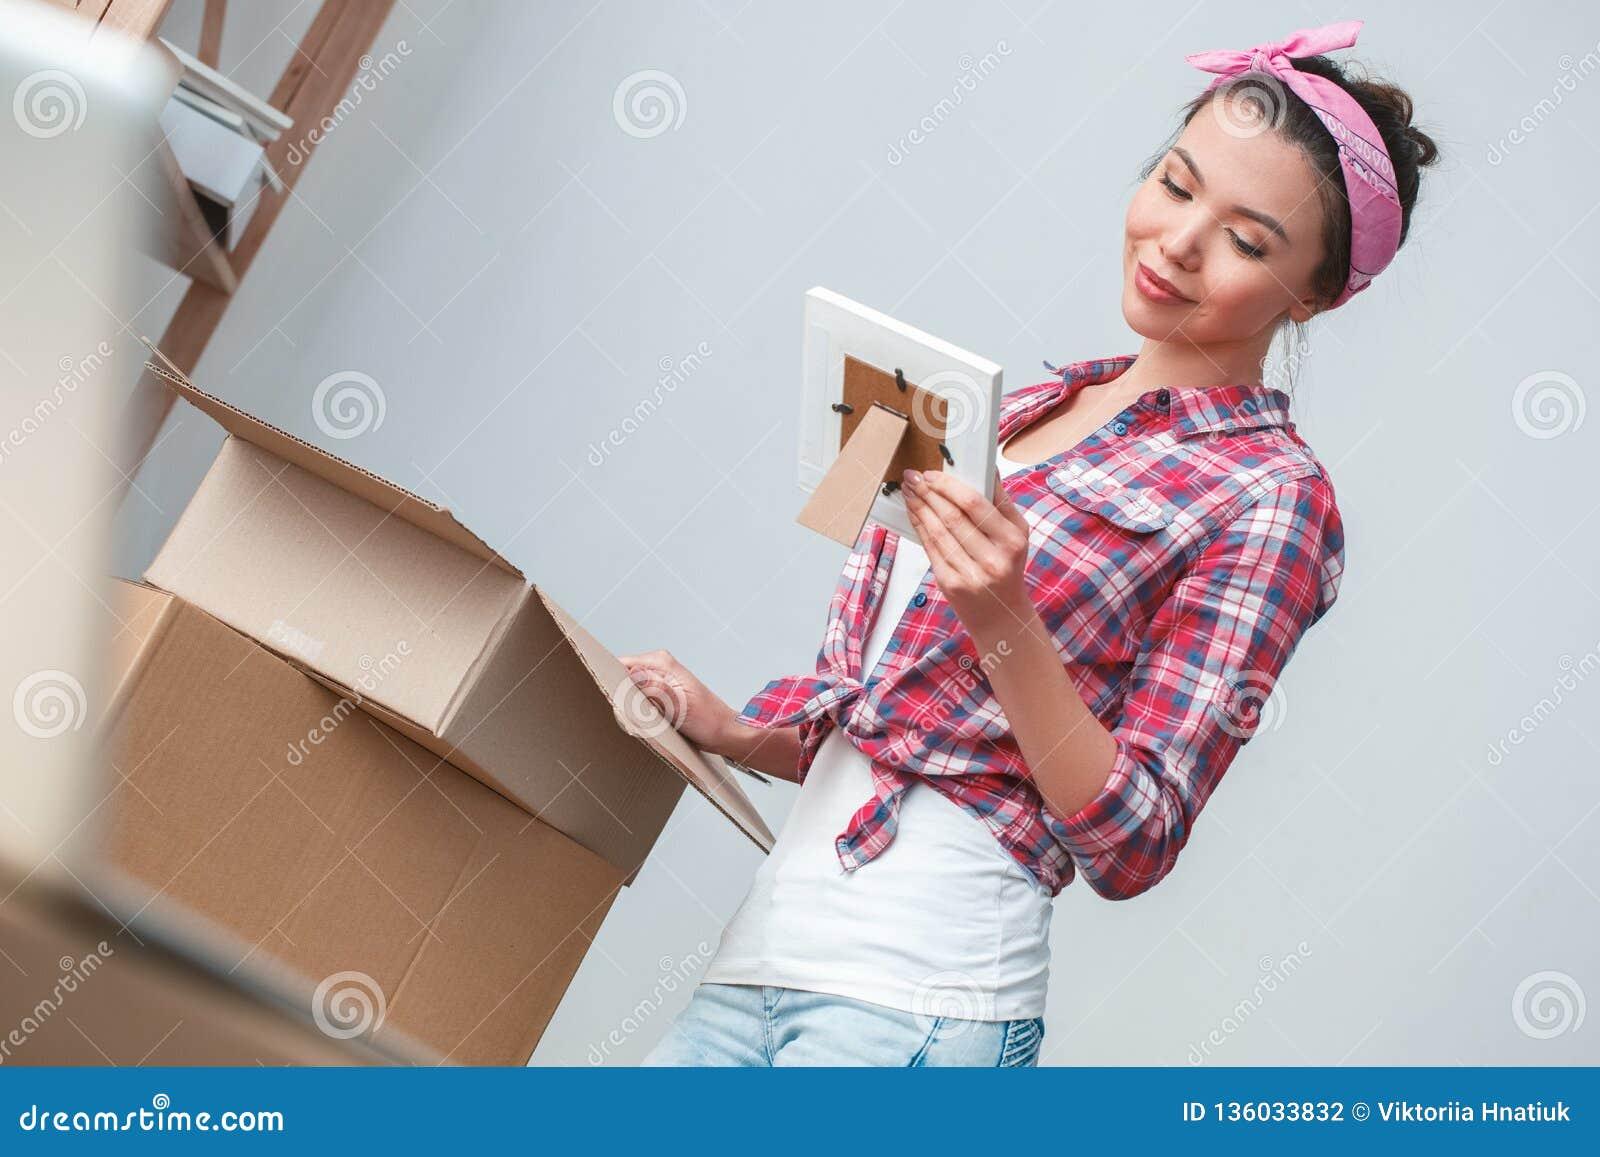 Νέο κορίτσι που κινείται προς τα νέα πράγματα συσκευασίας θέσεων μόνιμα που εξετάζουν το χαμόγελο φωτογραφιών νοσταλγικά